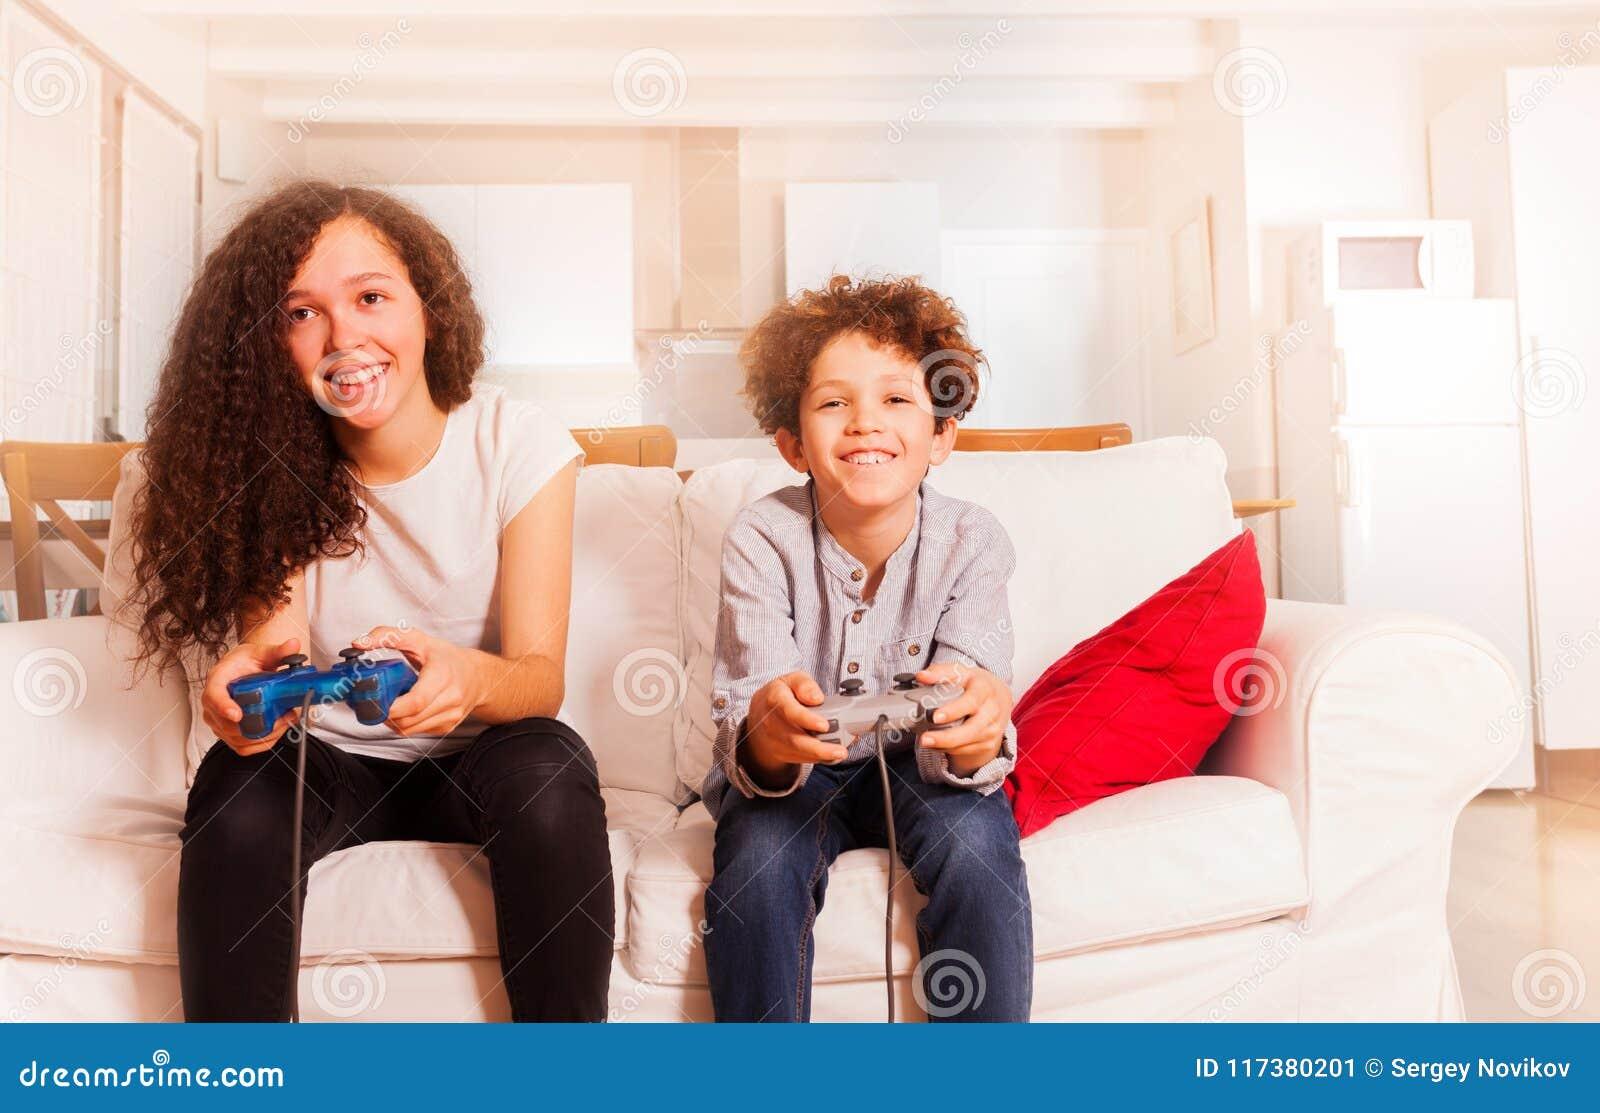 Ritratto dei bambini felici che giocano i video giochi